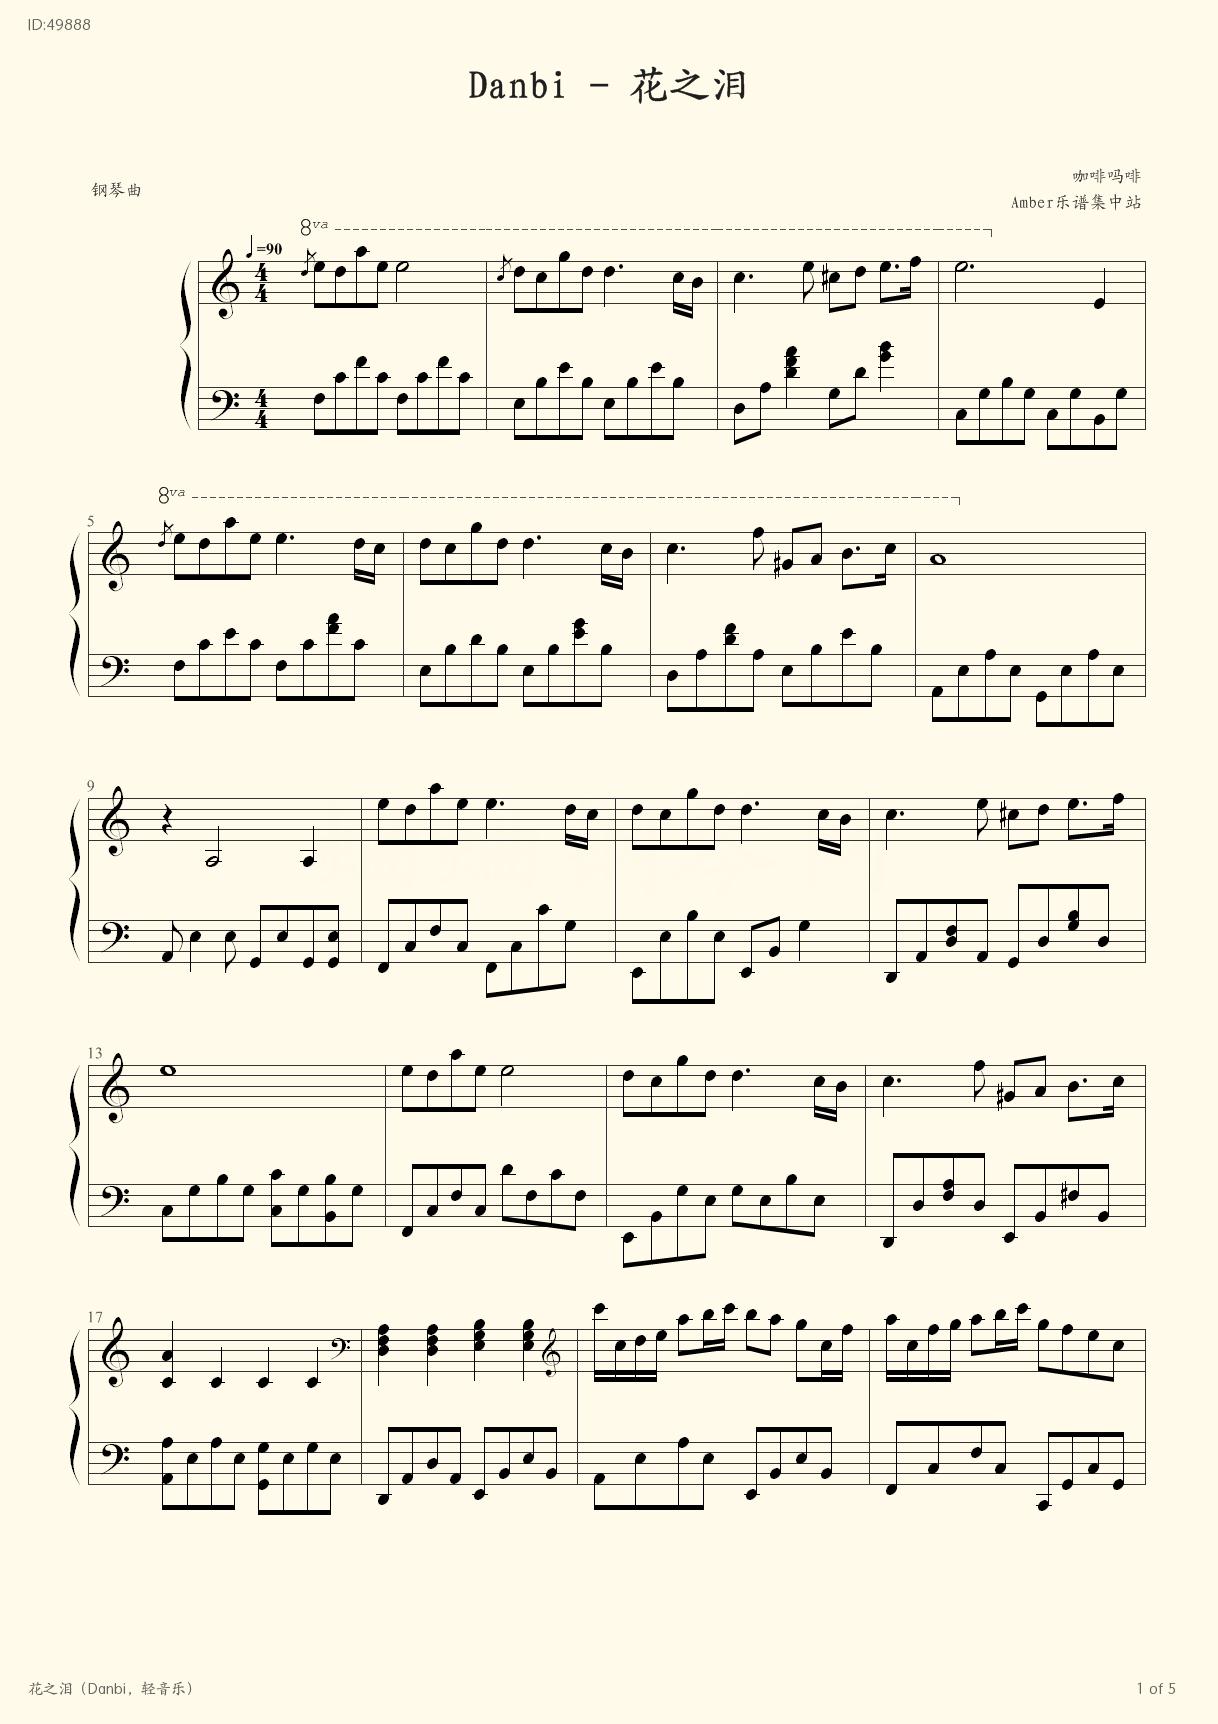 Danbi  - danbi - first page